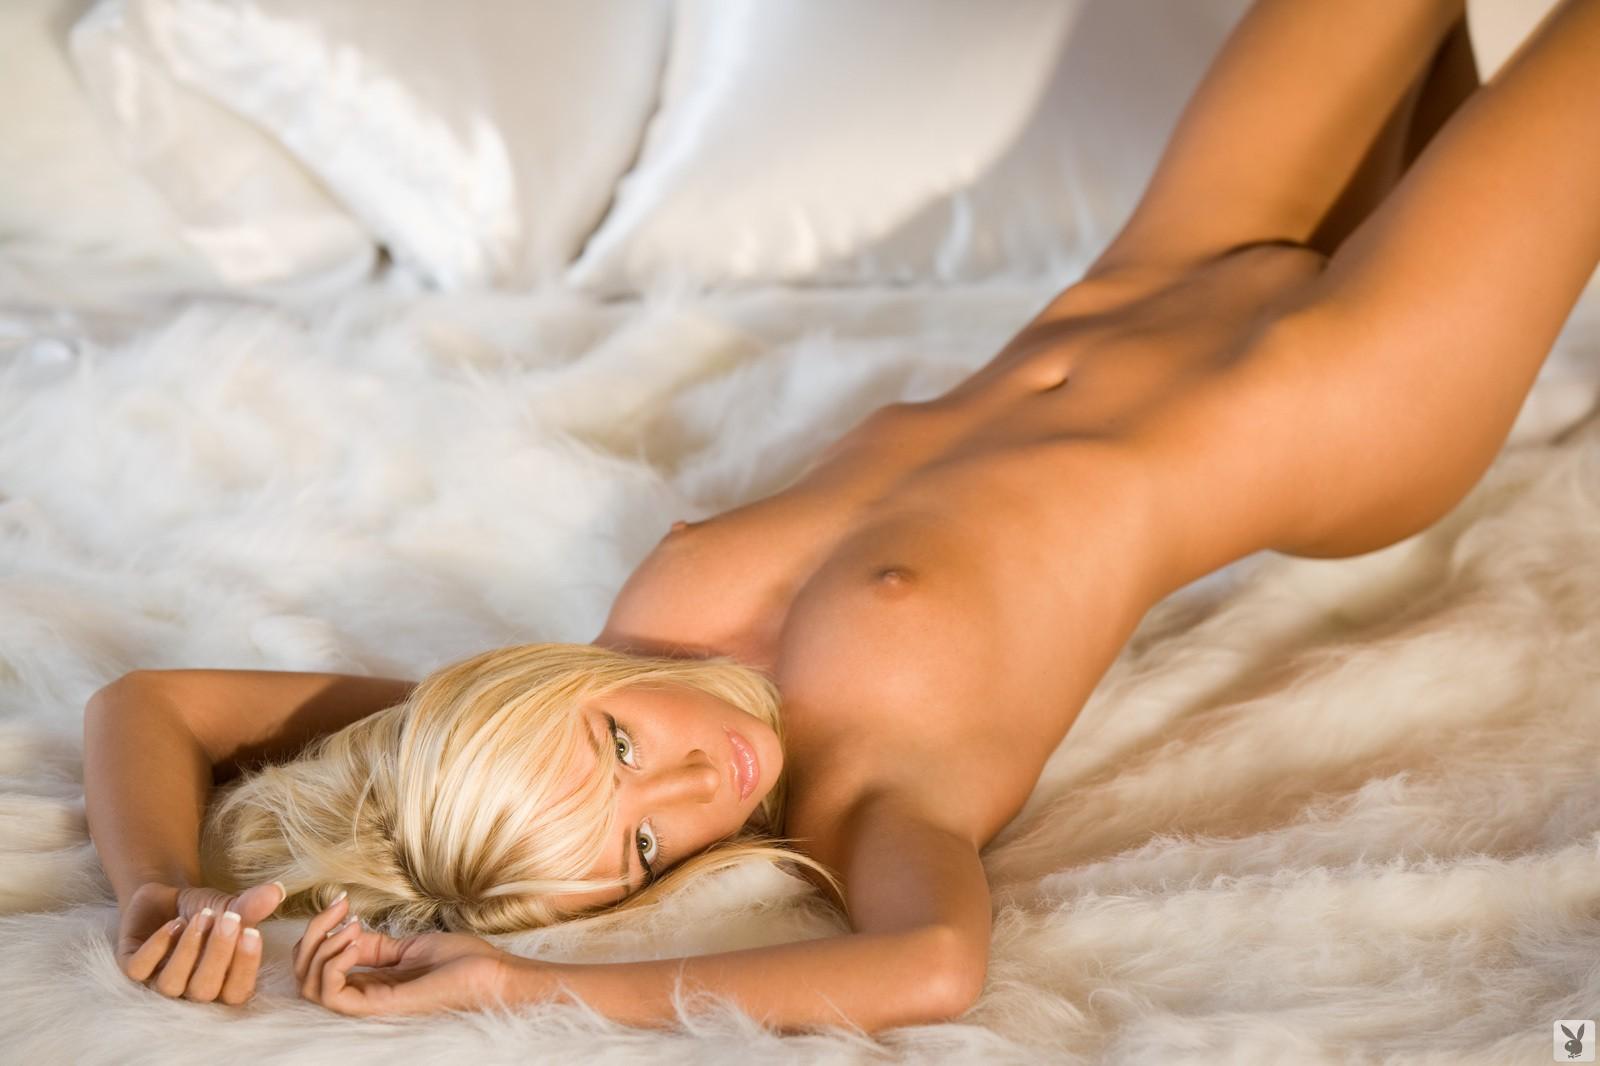 Carrie underwood nude porn